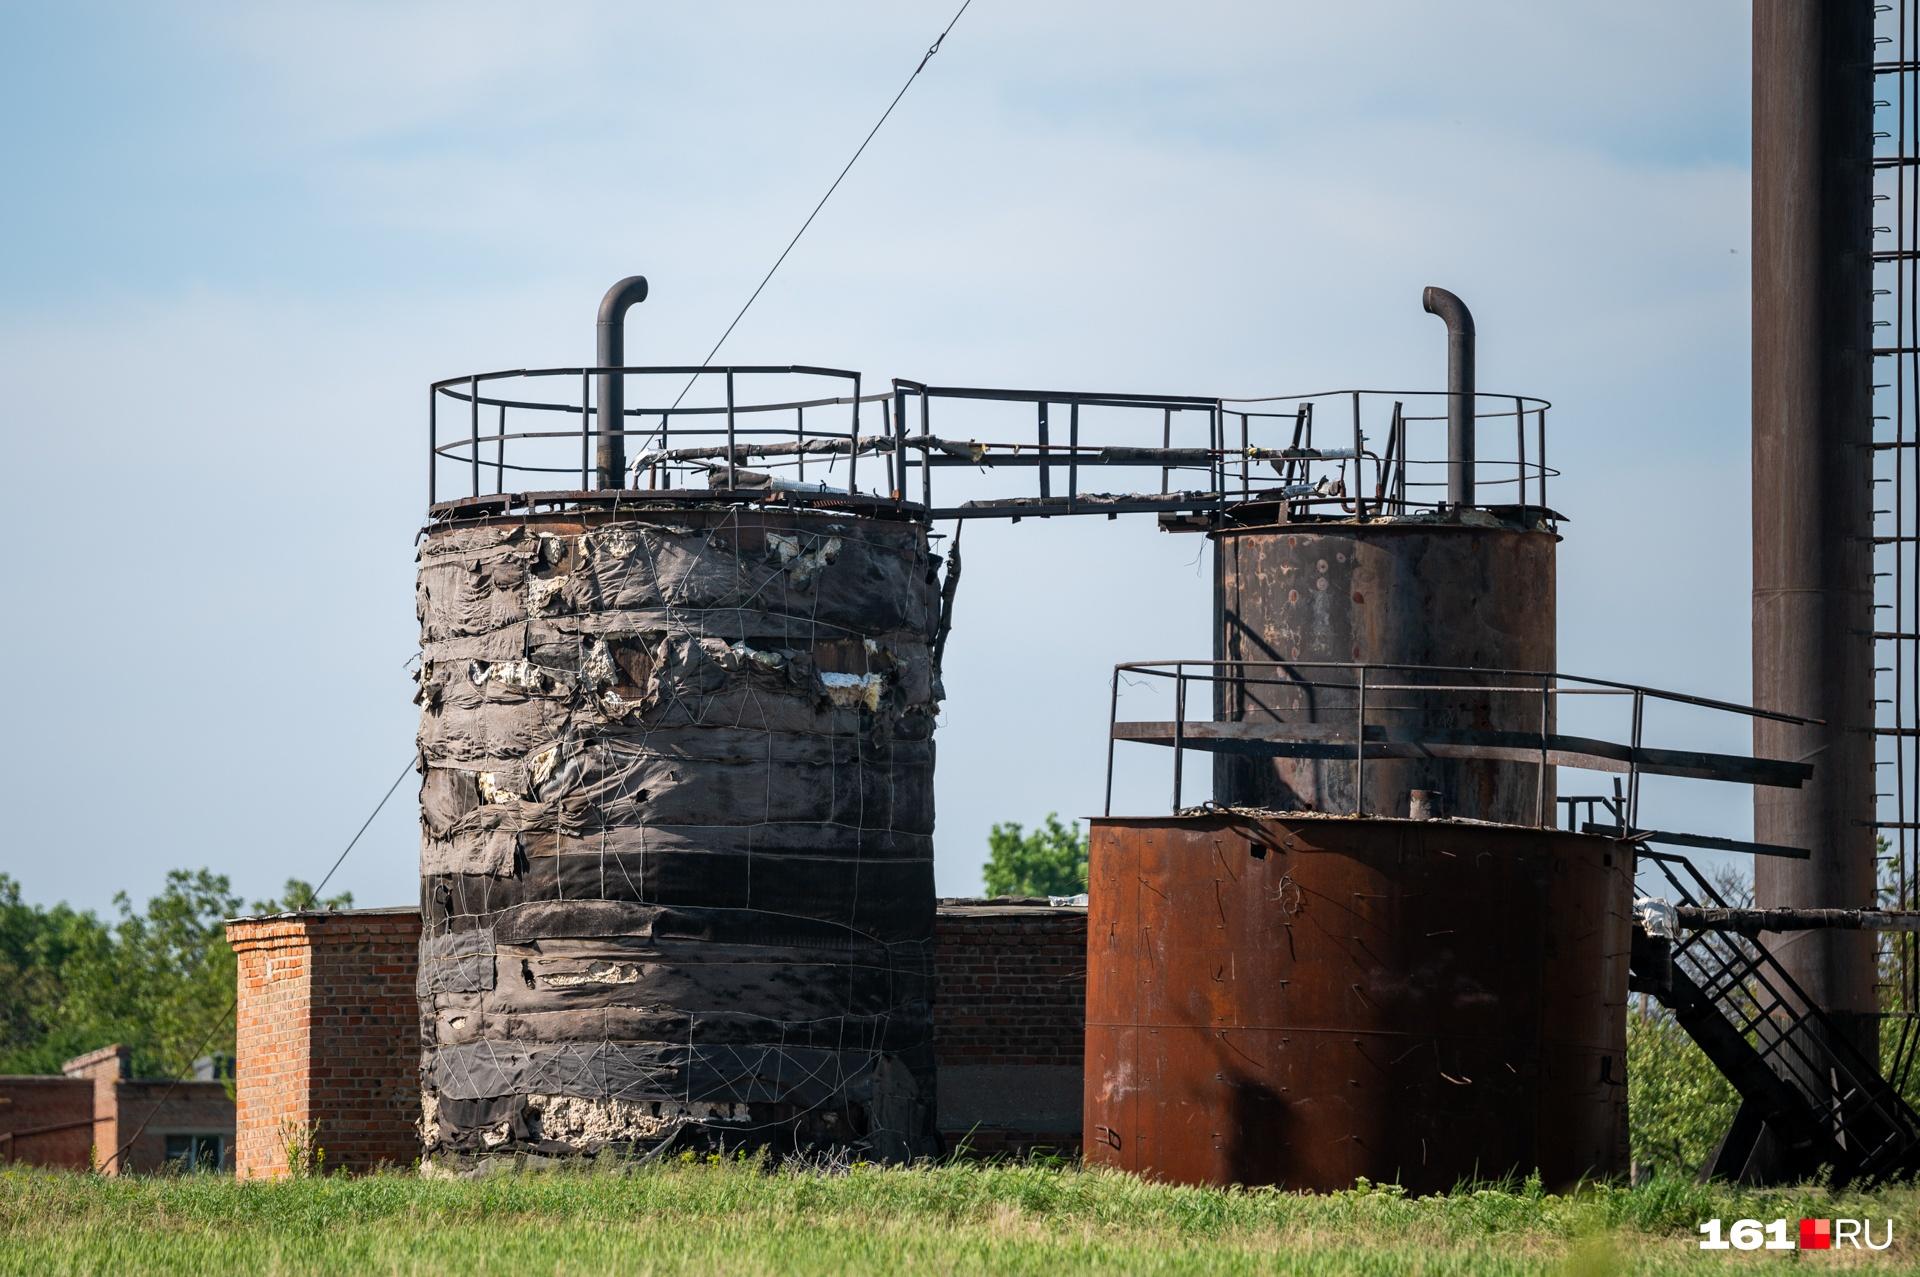 Ветхими выглядят и надземные постройки на очистных в Дмитриадовке